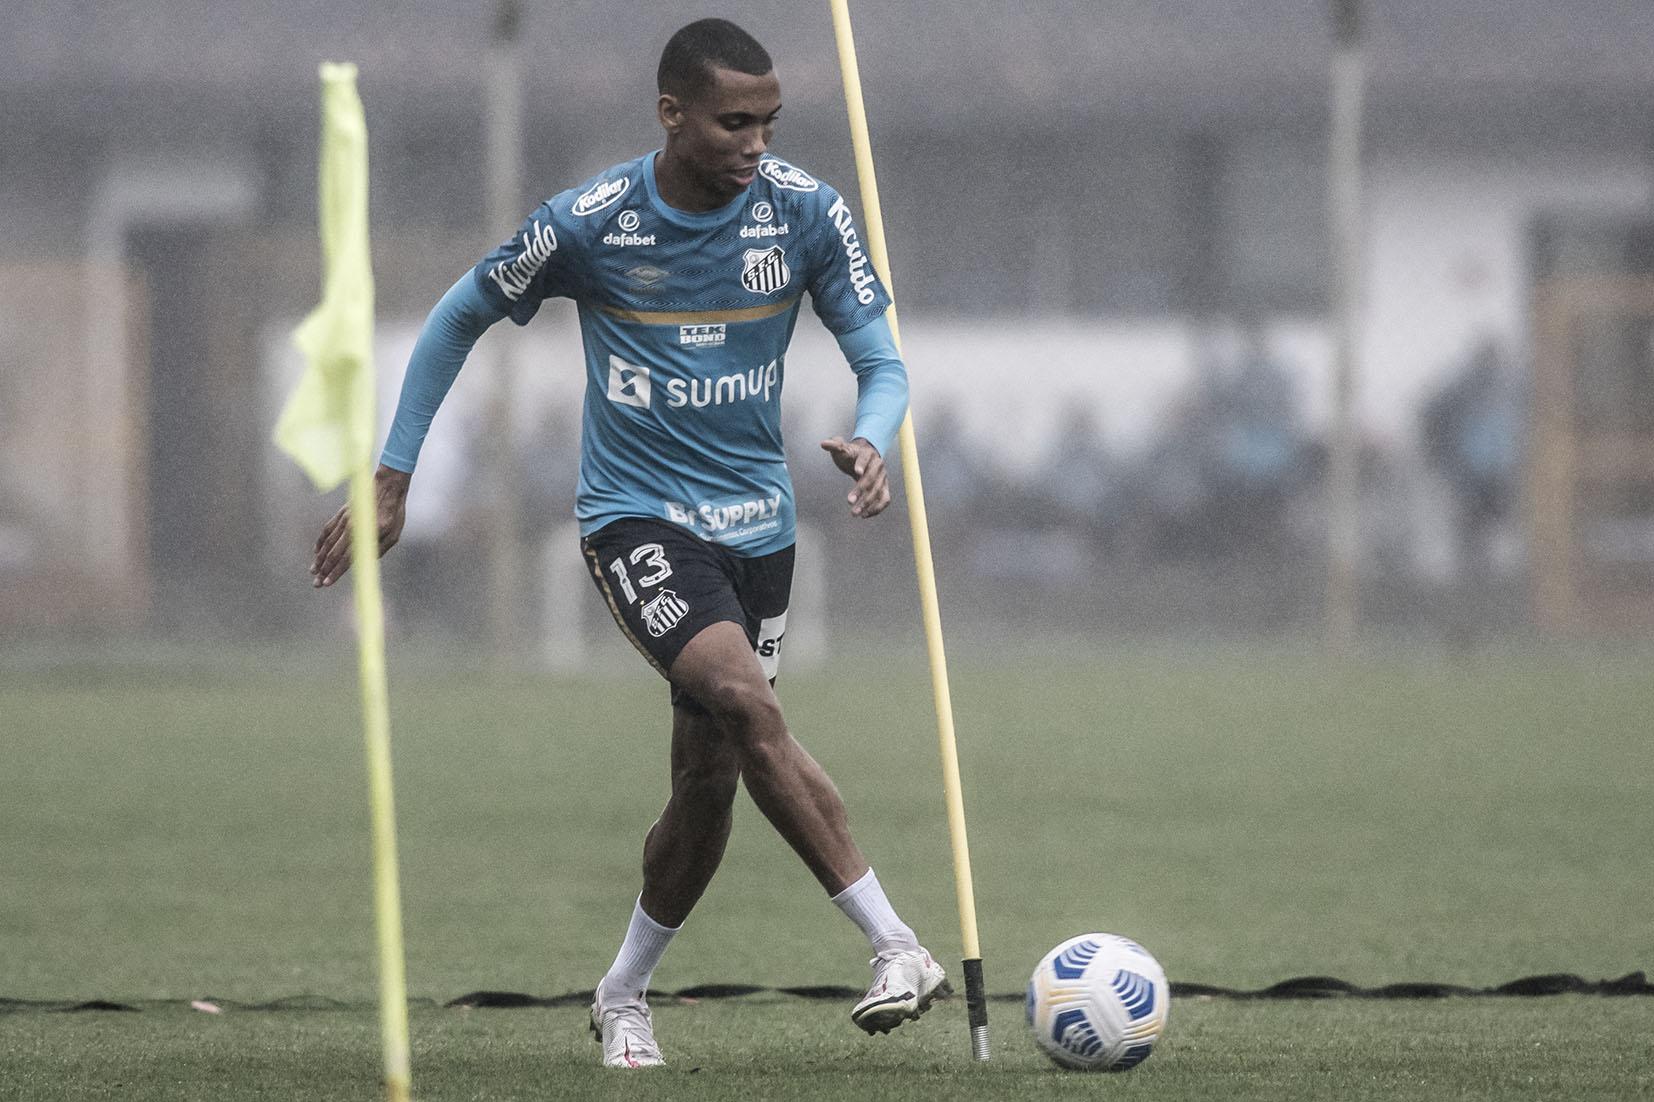 Santos espera contar com retorno de lesionados contra o Juventude